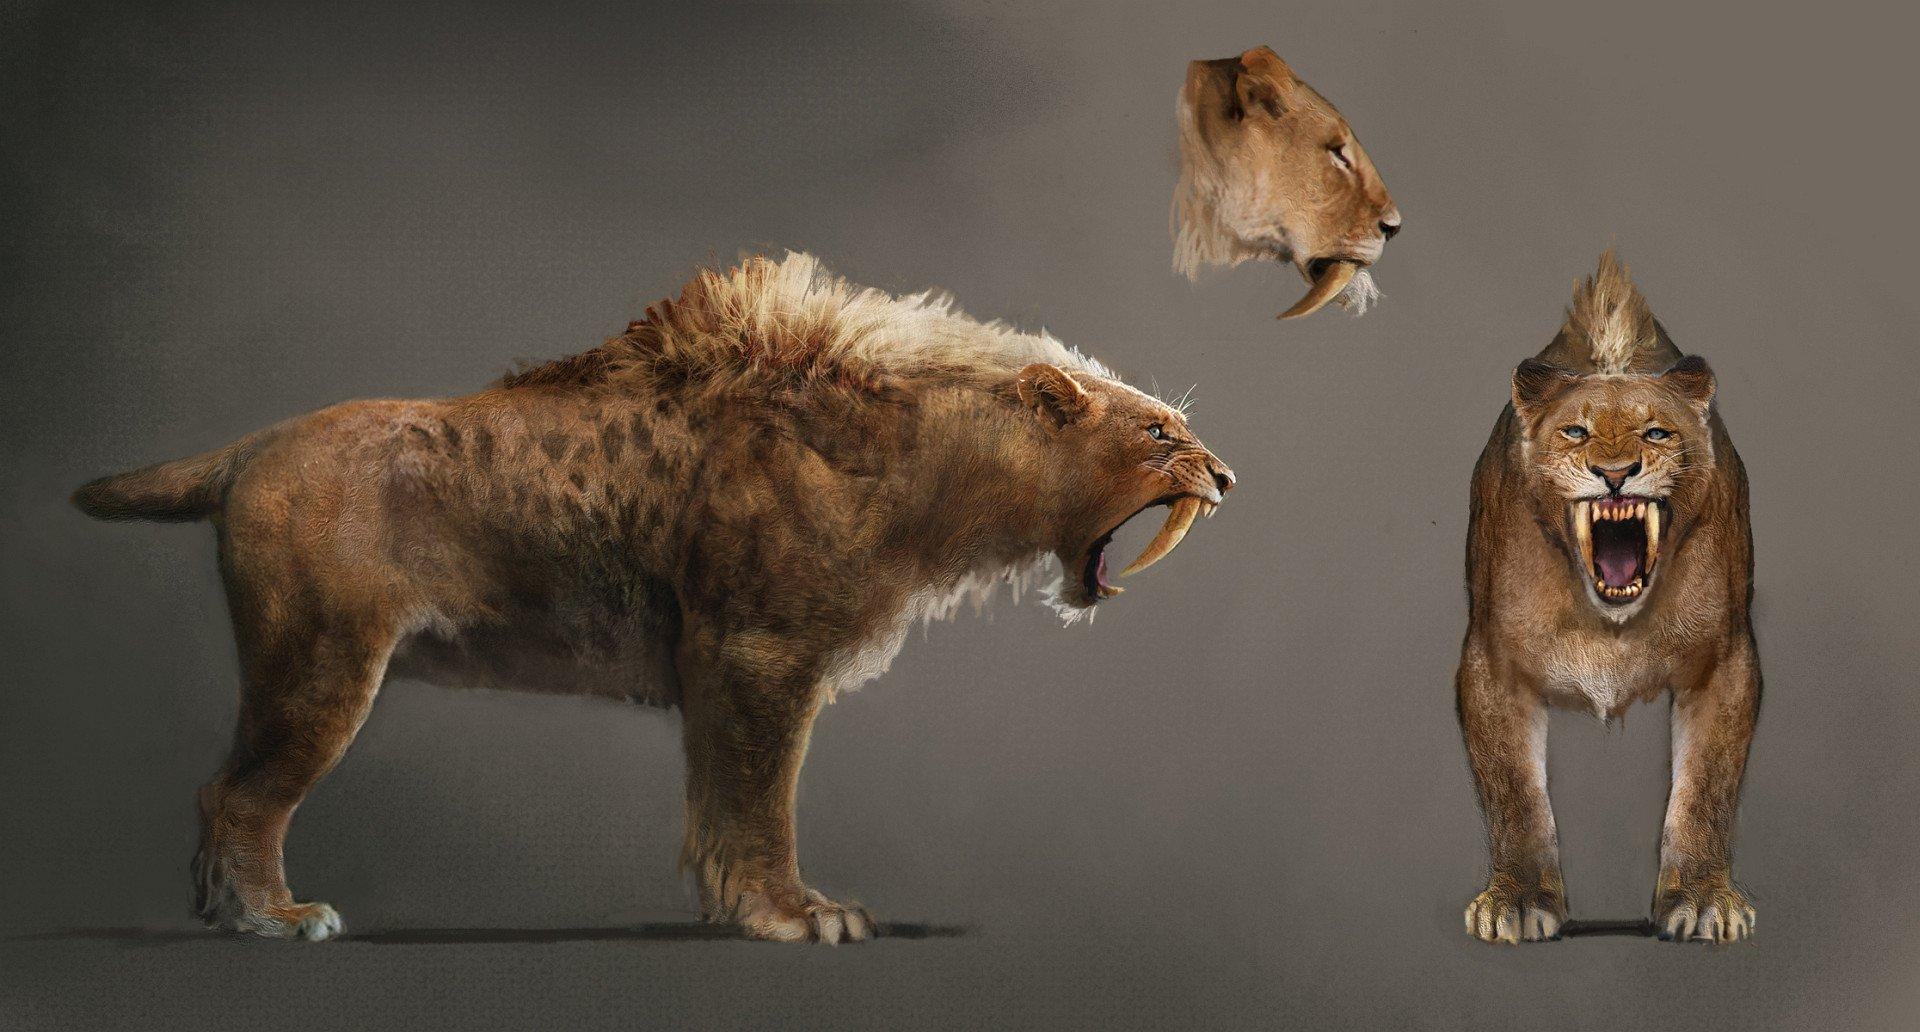 Ubisoft anticipa el anuncio de una aventura de supervivencia en un mundo prehistórico Far_cry_primal-3208370